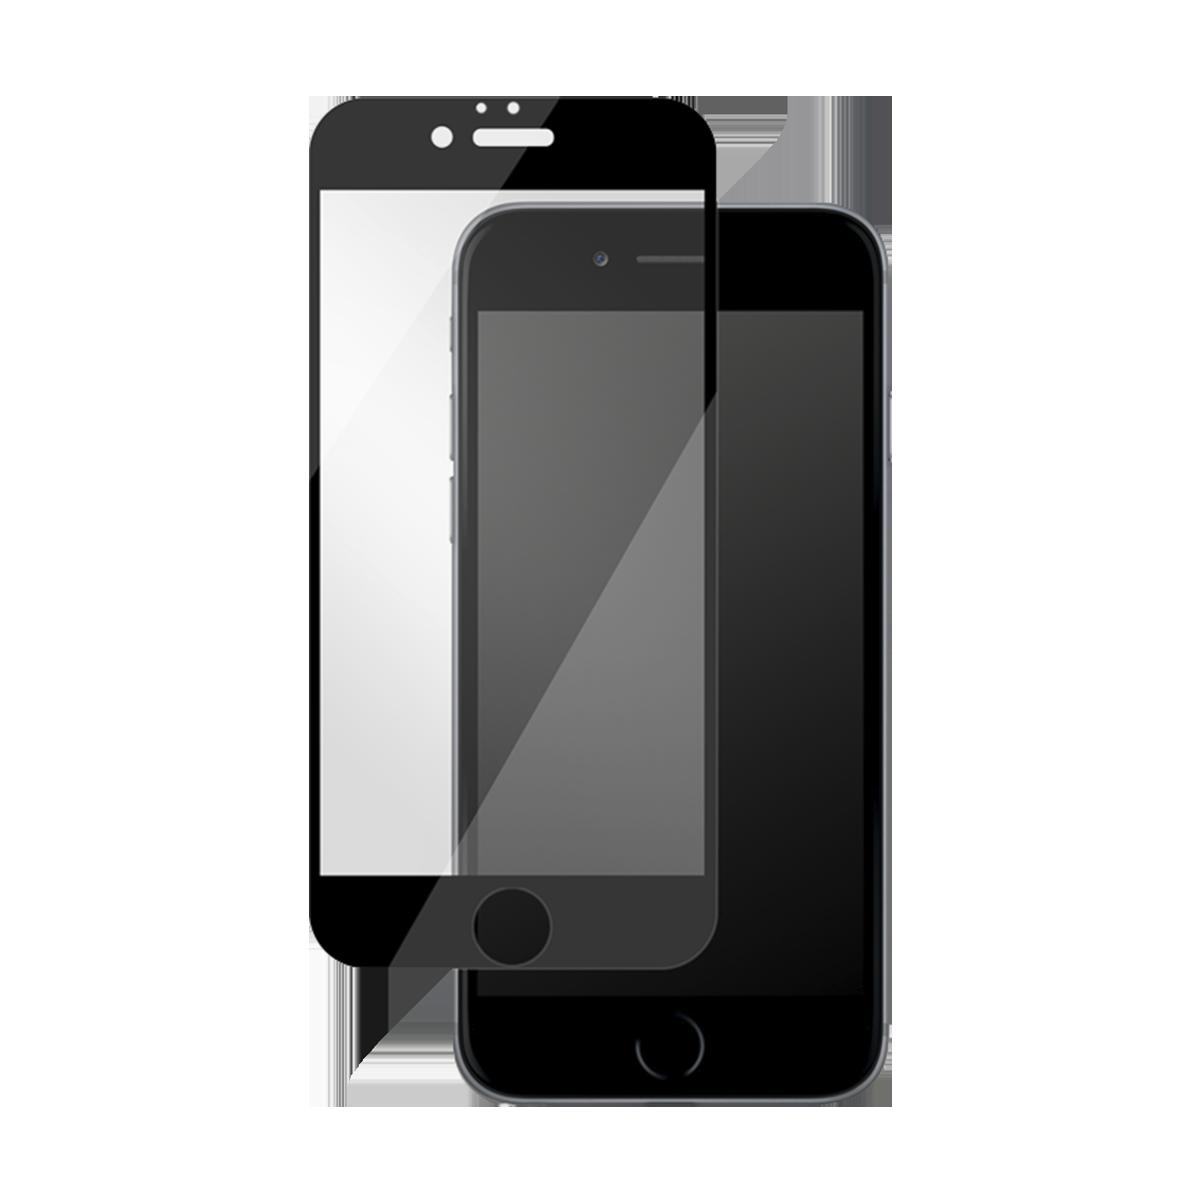 iPhone 7/8 Plus için spada Mat Tam kaplayan Siyah Ekran koruma camı